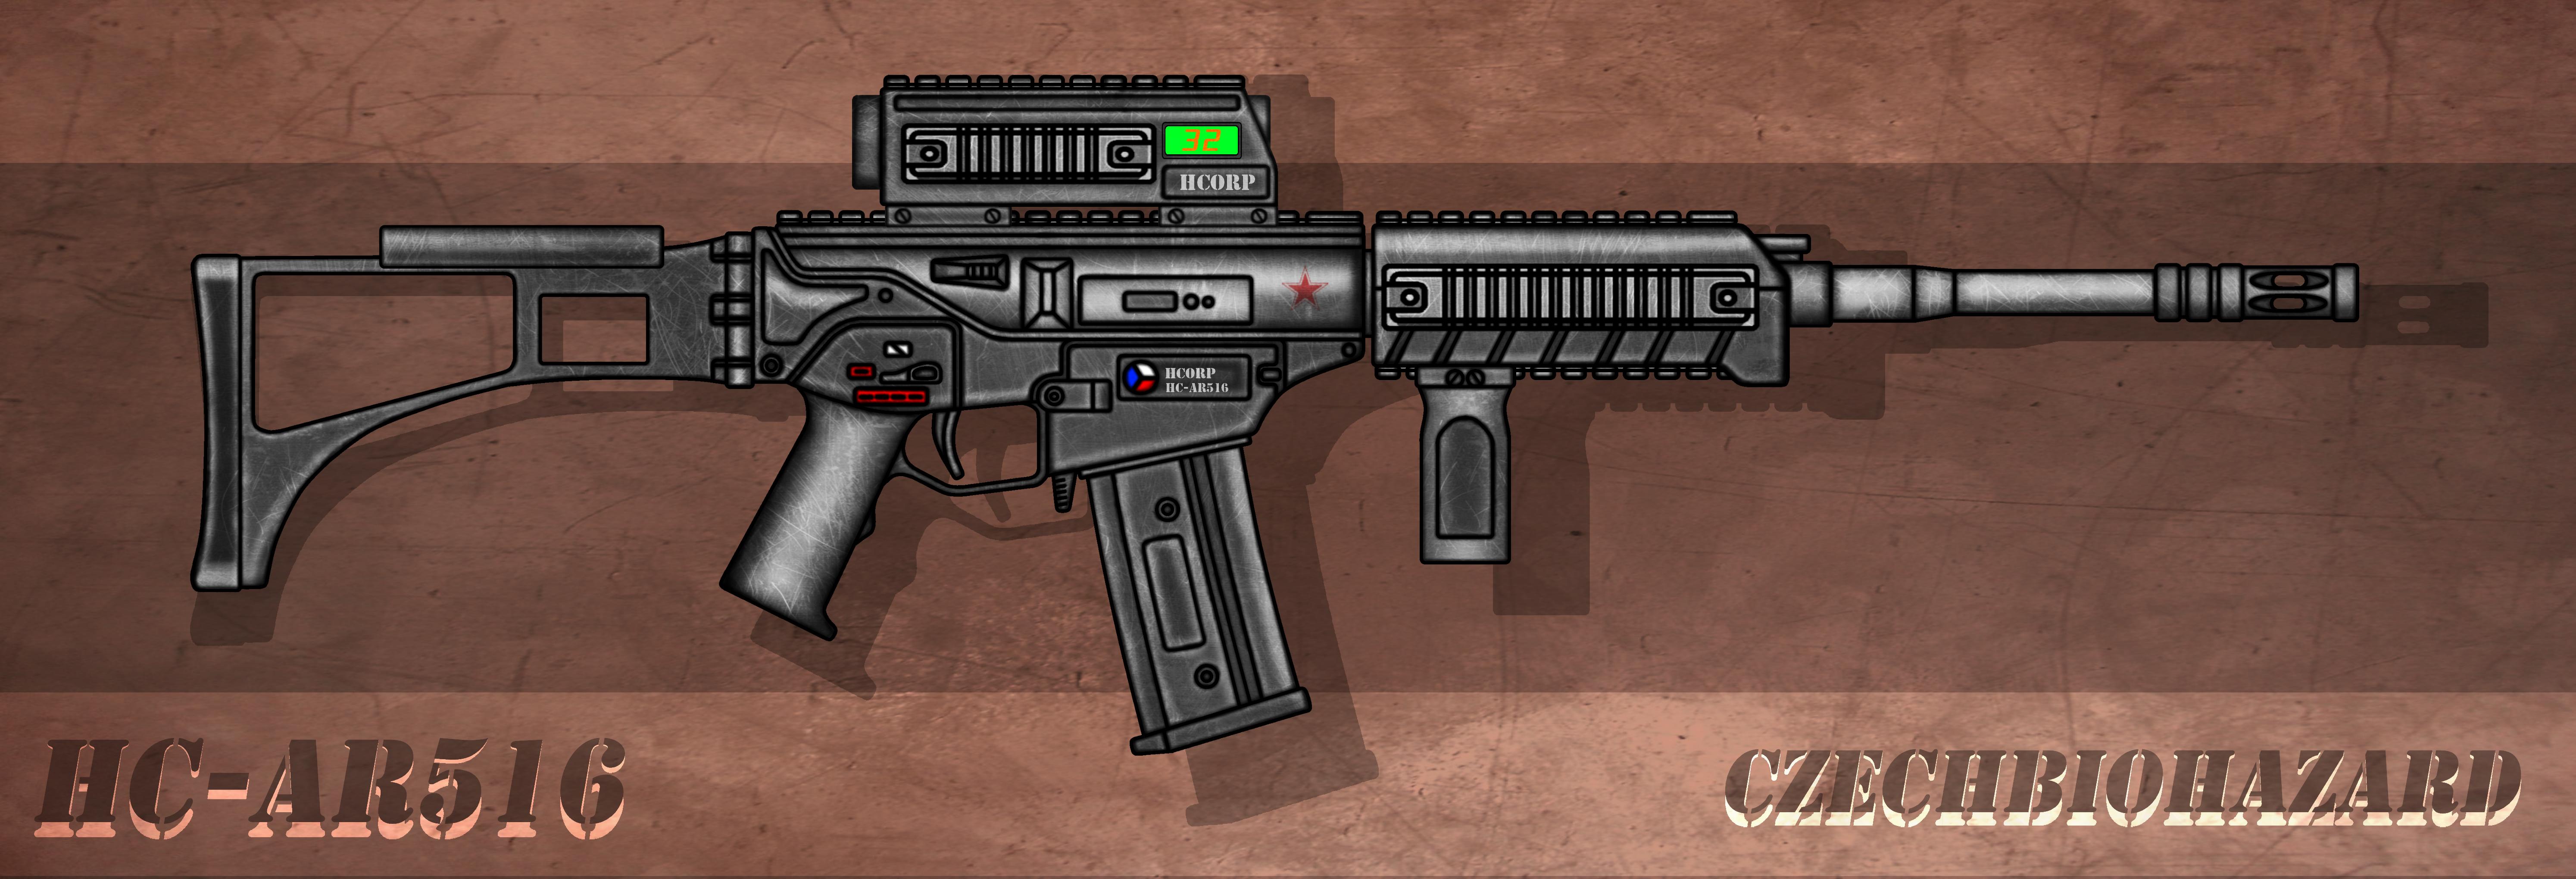 HC-AR516 Assault Rifle by CzechBiohazard